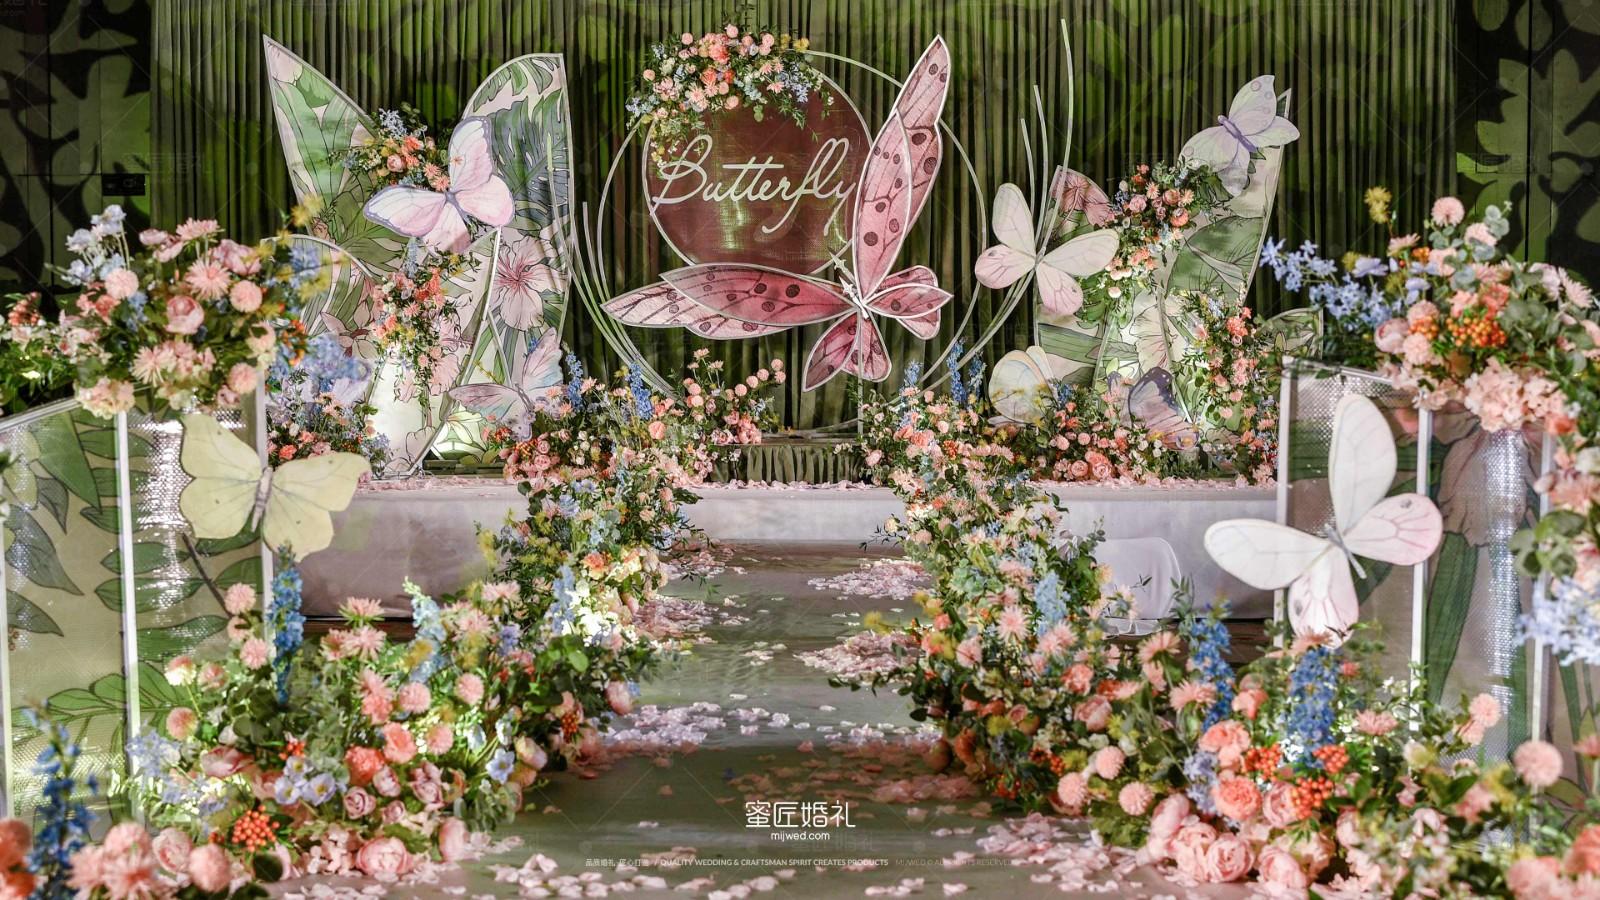 爱丽丝花园